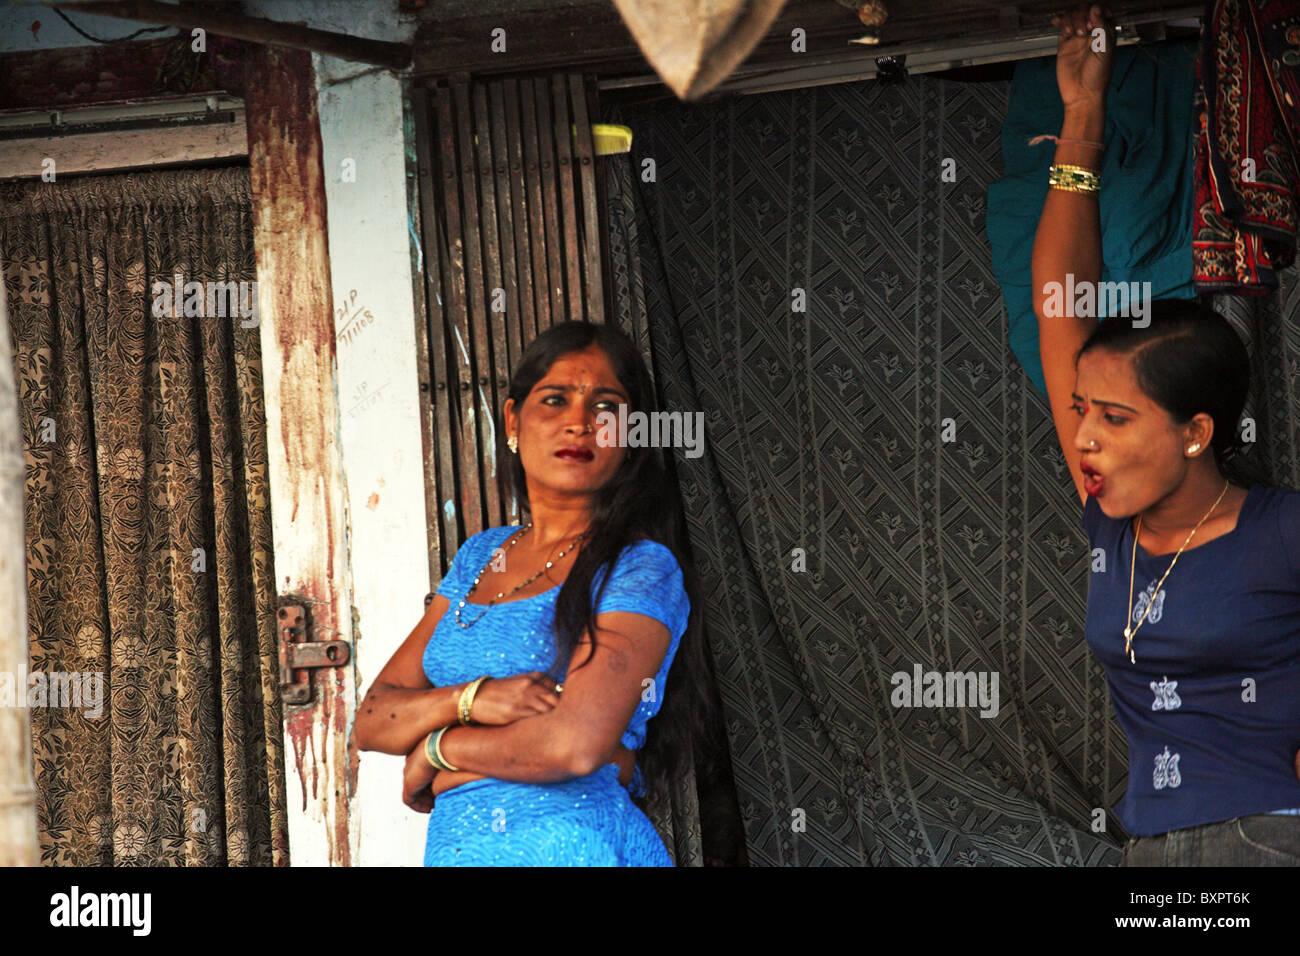 Indien Prostitution